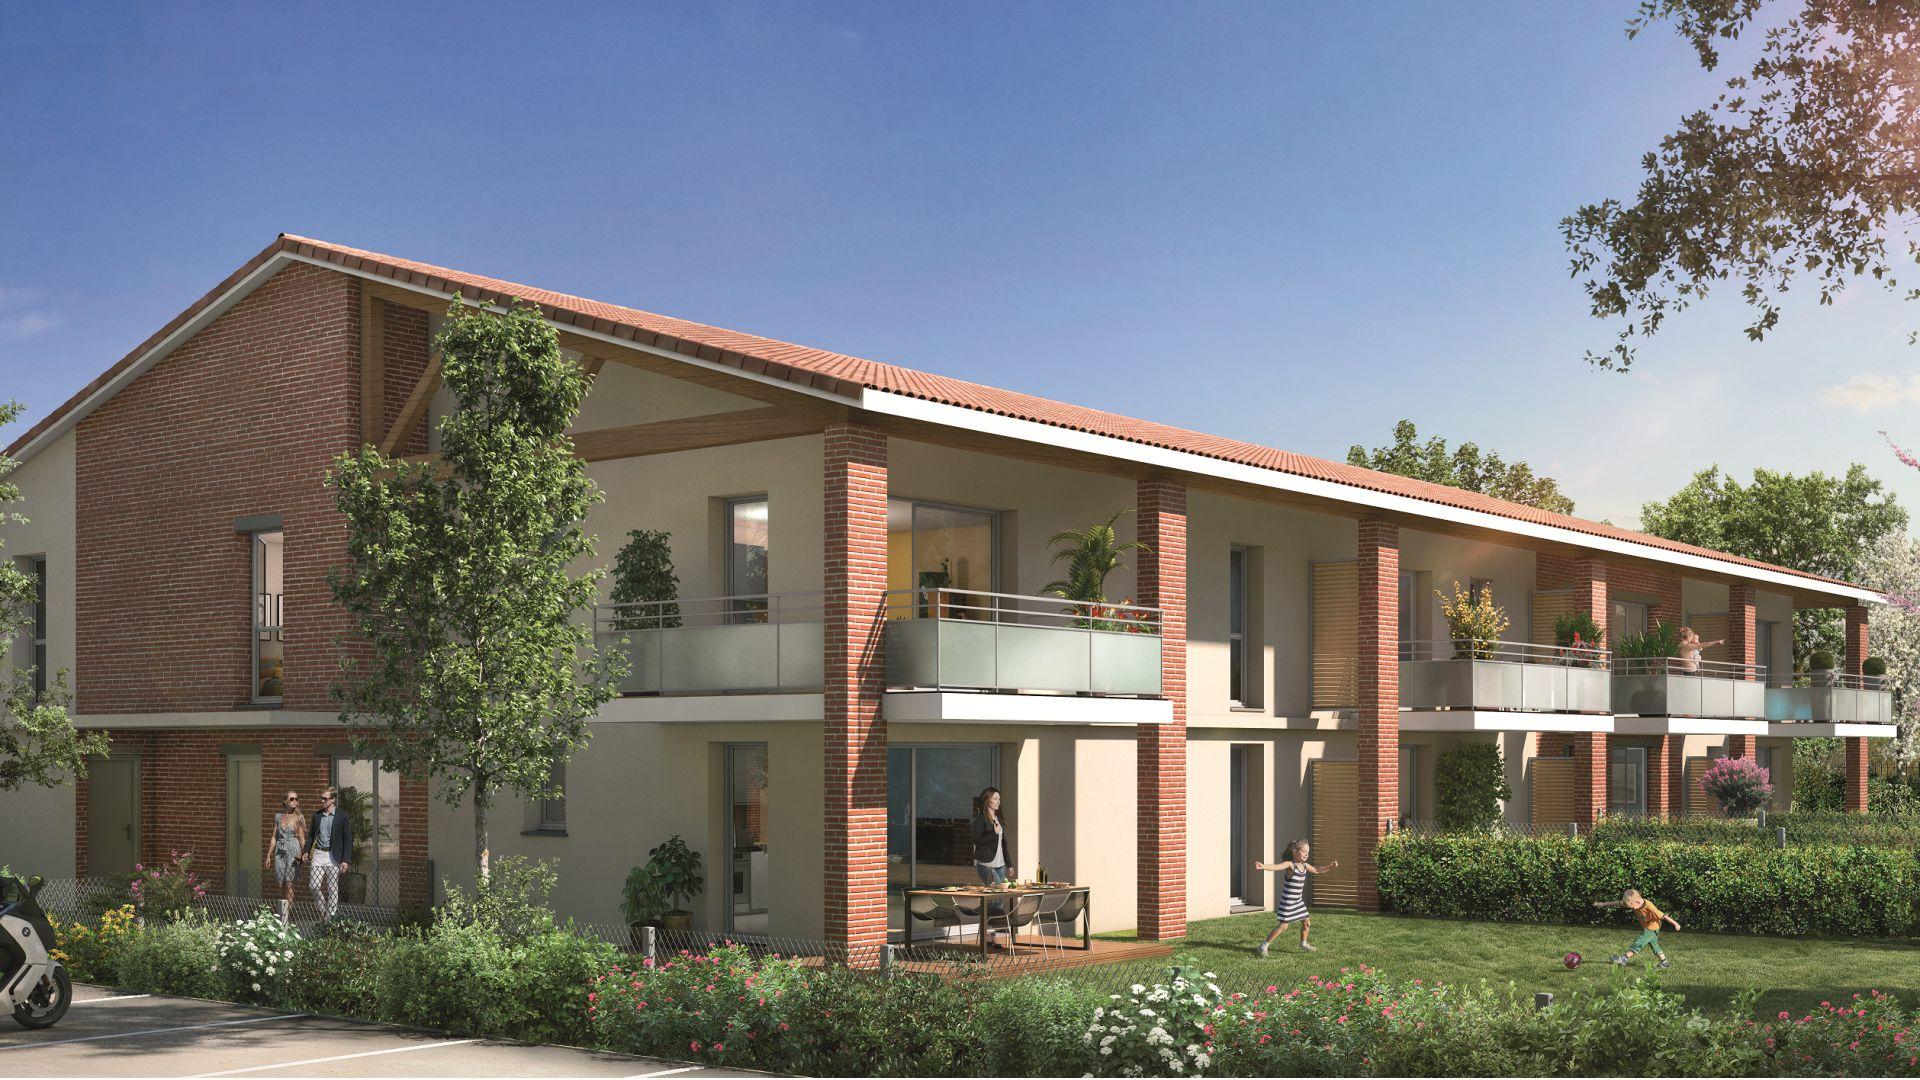 GreenCity immobilier - Tournefeuille 31170 - Résidence Parc Rimbaud - appartements et villas neufs du T2 au T5